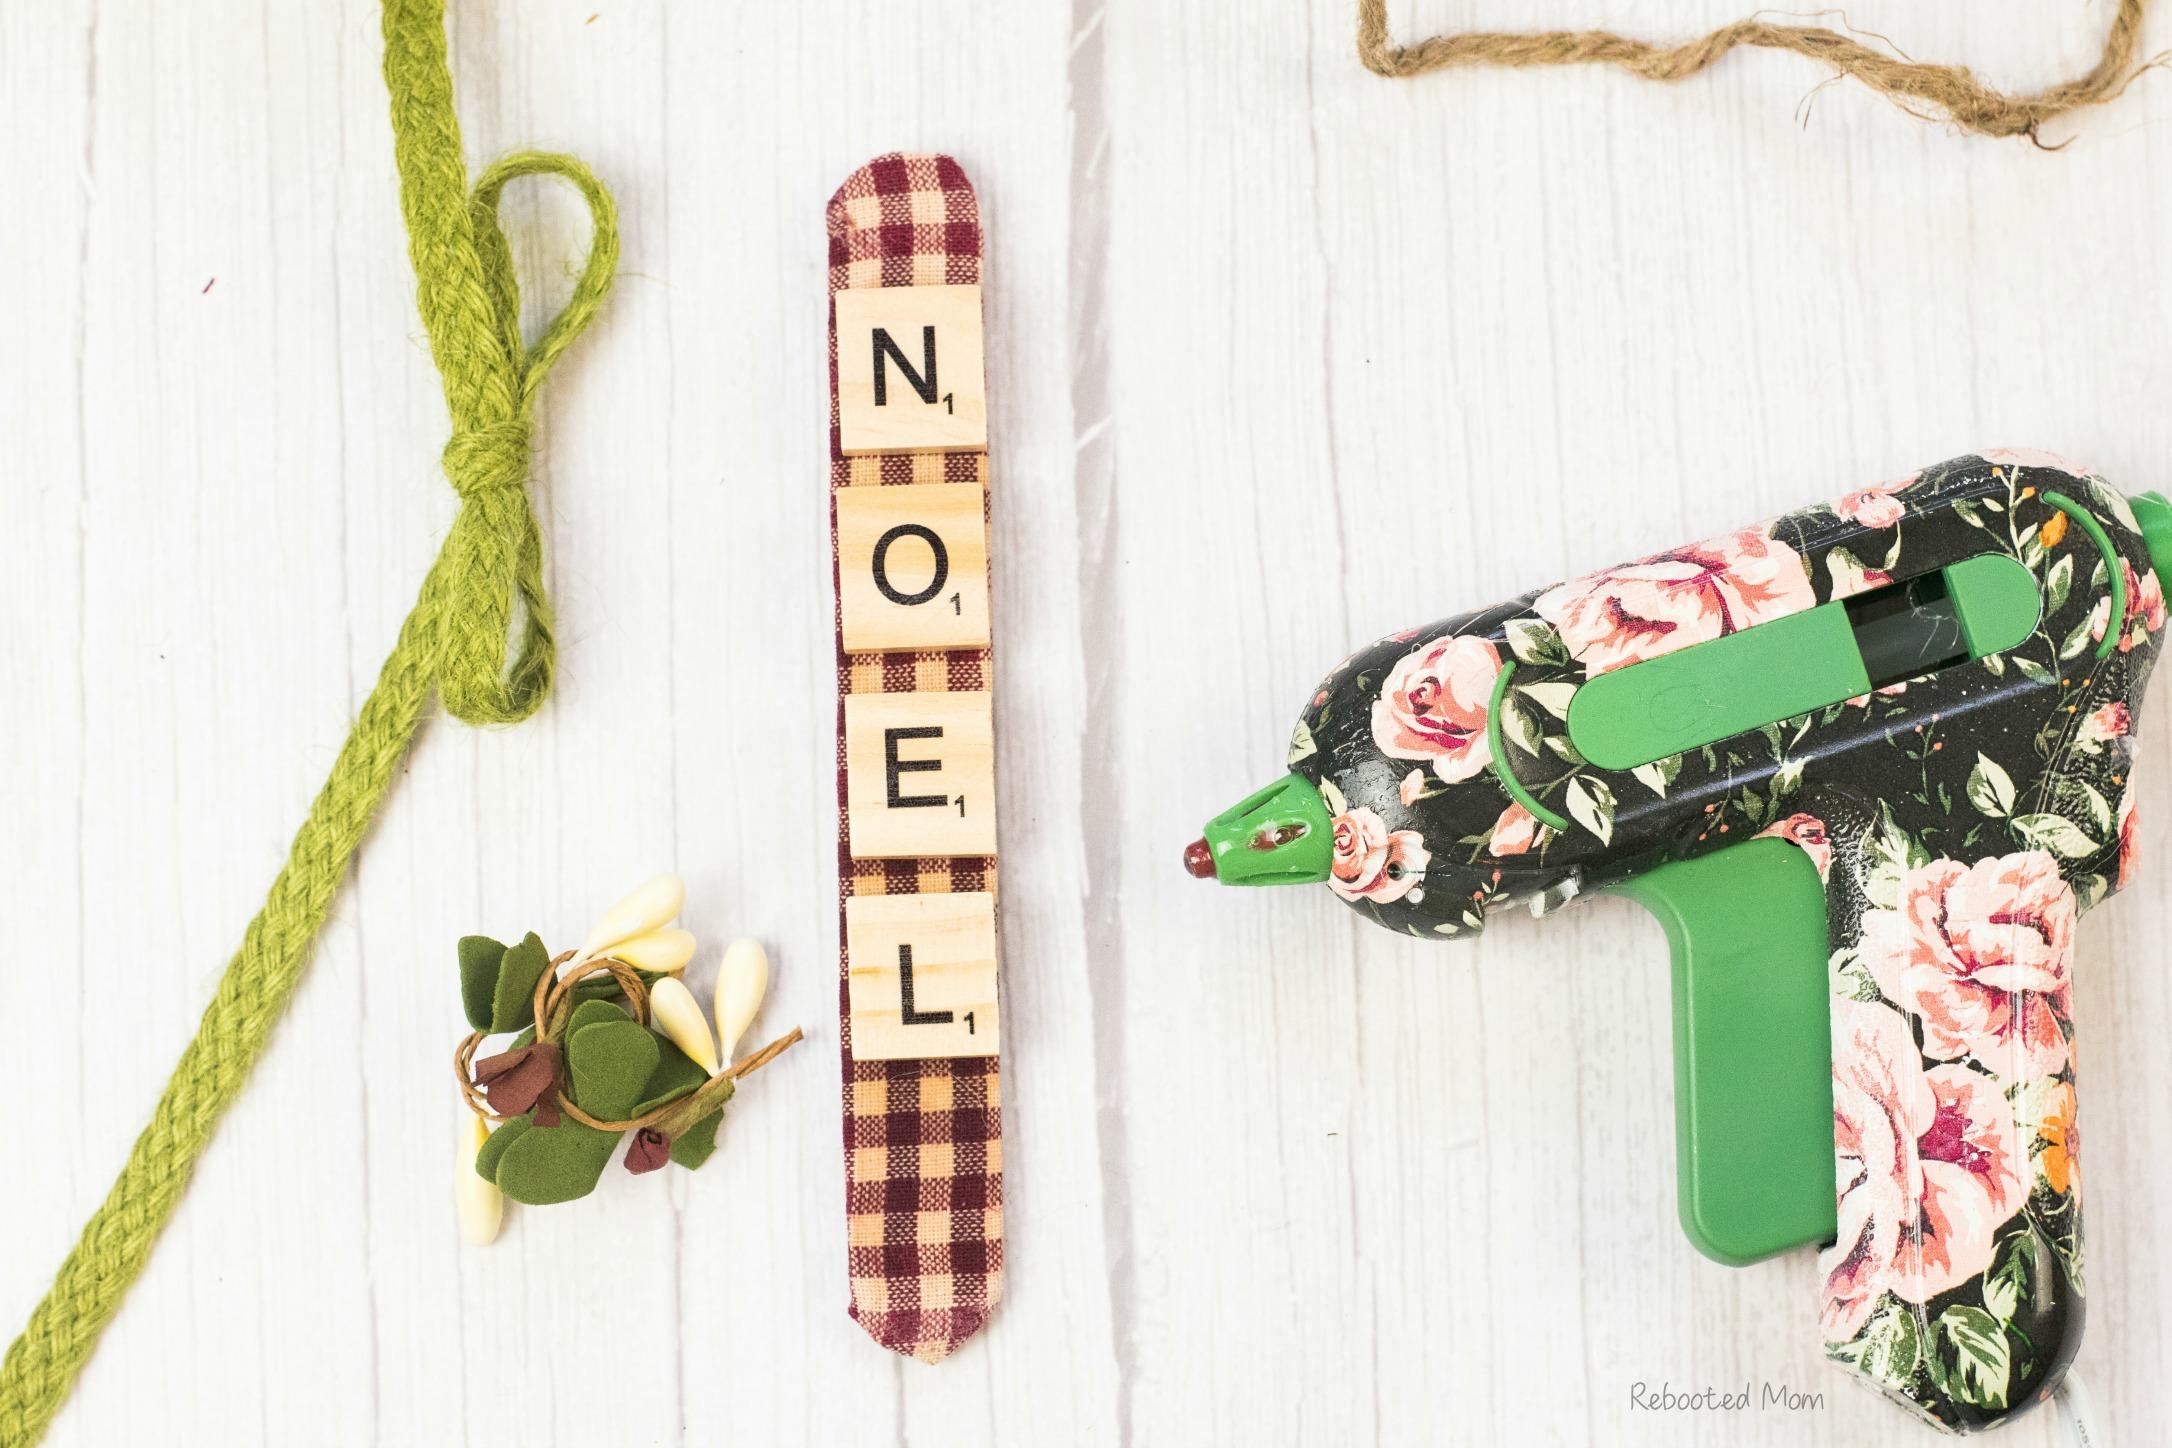 Scrabble Tile Ornament DIY